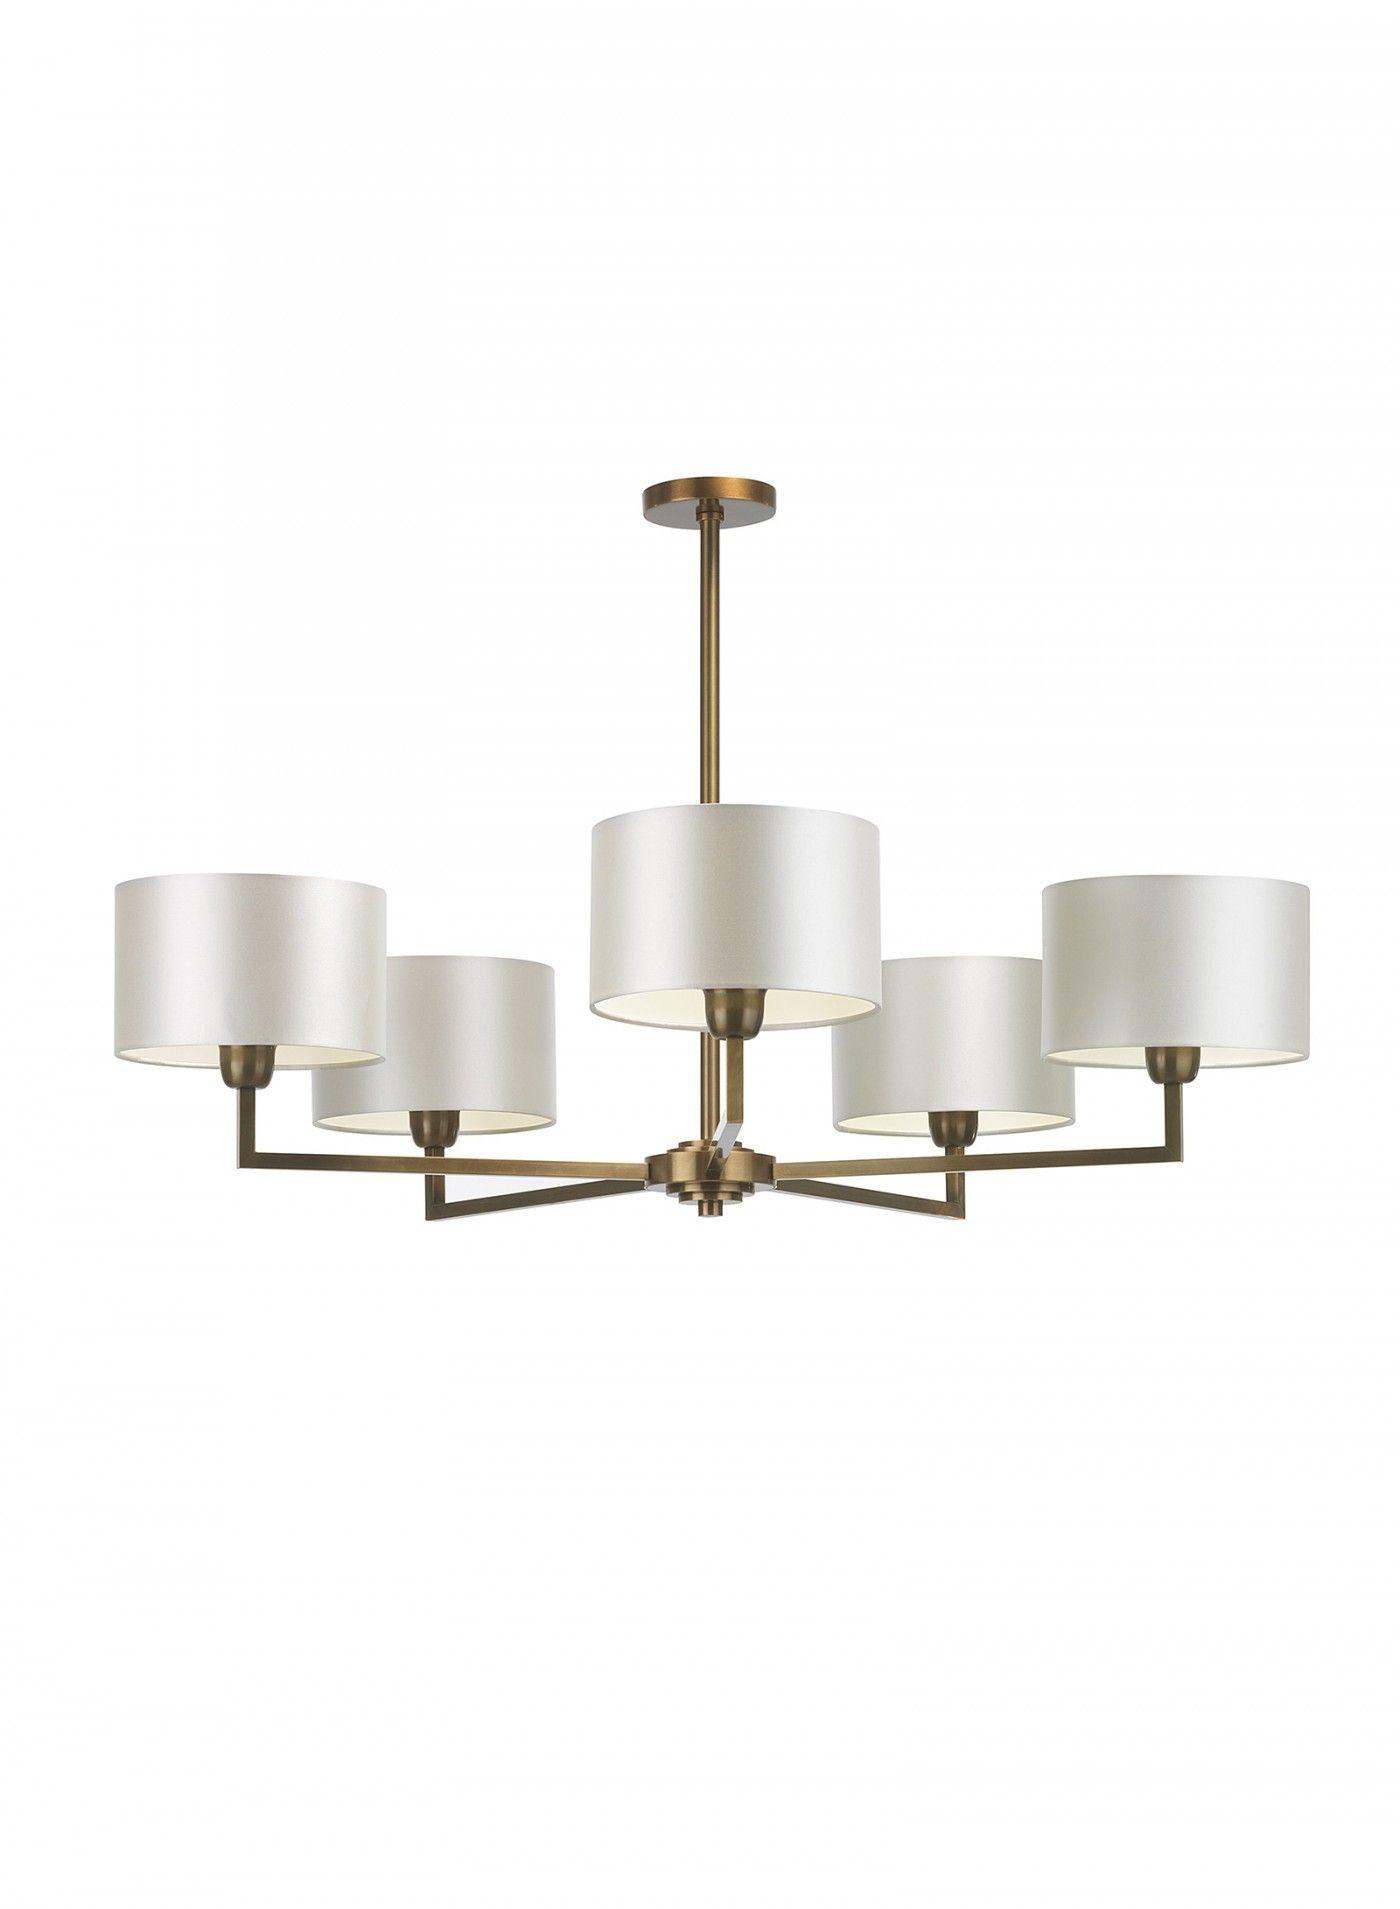 Holt Pendant 5 Arm Antique Brass Ceiling Light ...